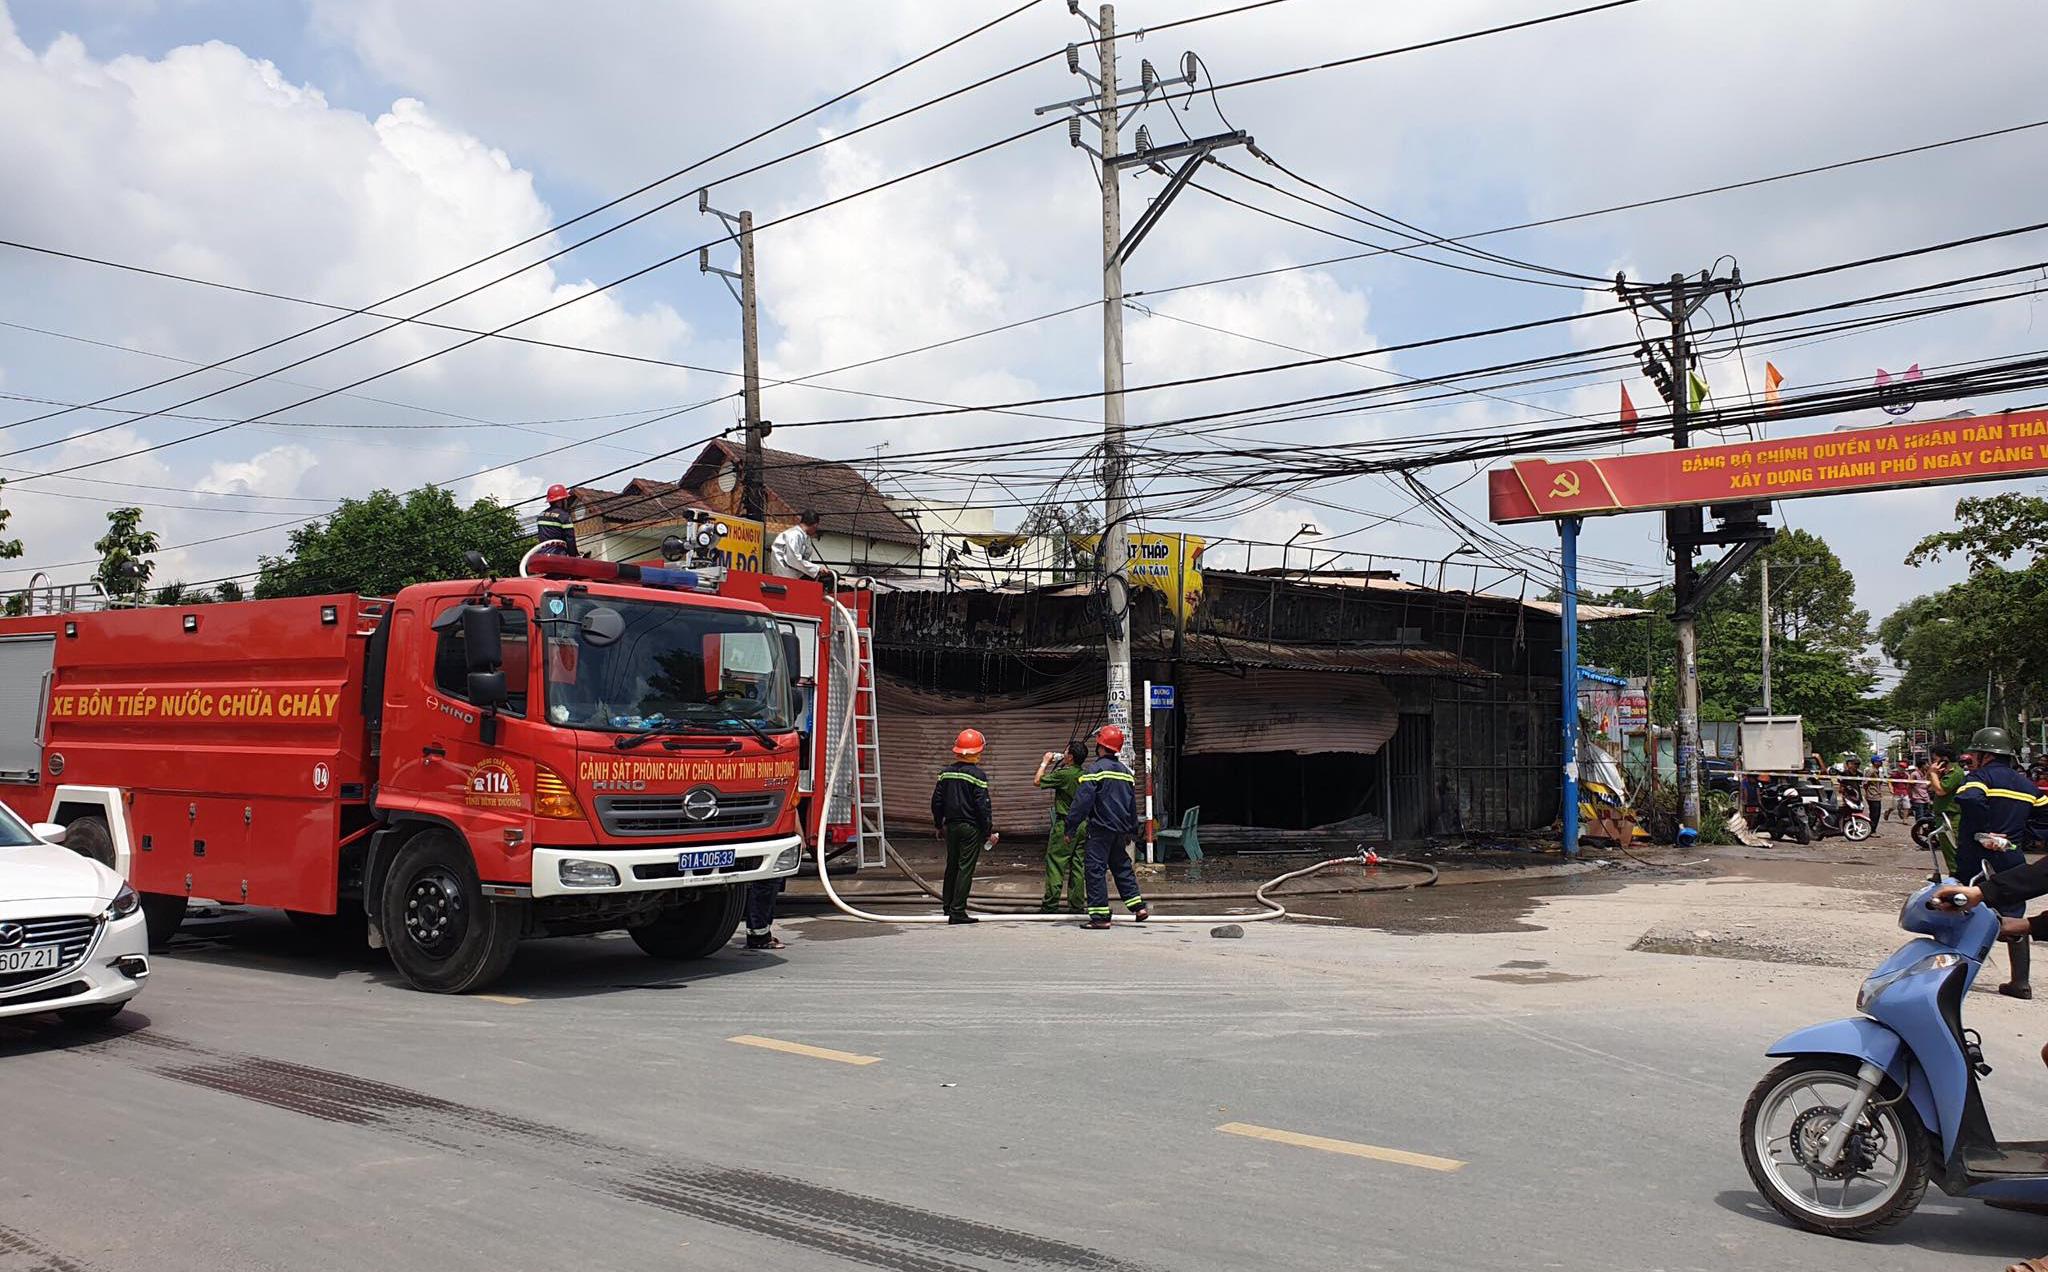 Thông tin mới nhất về vụ cháy ở tiệm cầm đồ: Cả 3 người bị mắc kẹt bên trong đều đã tử vong